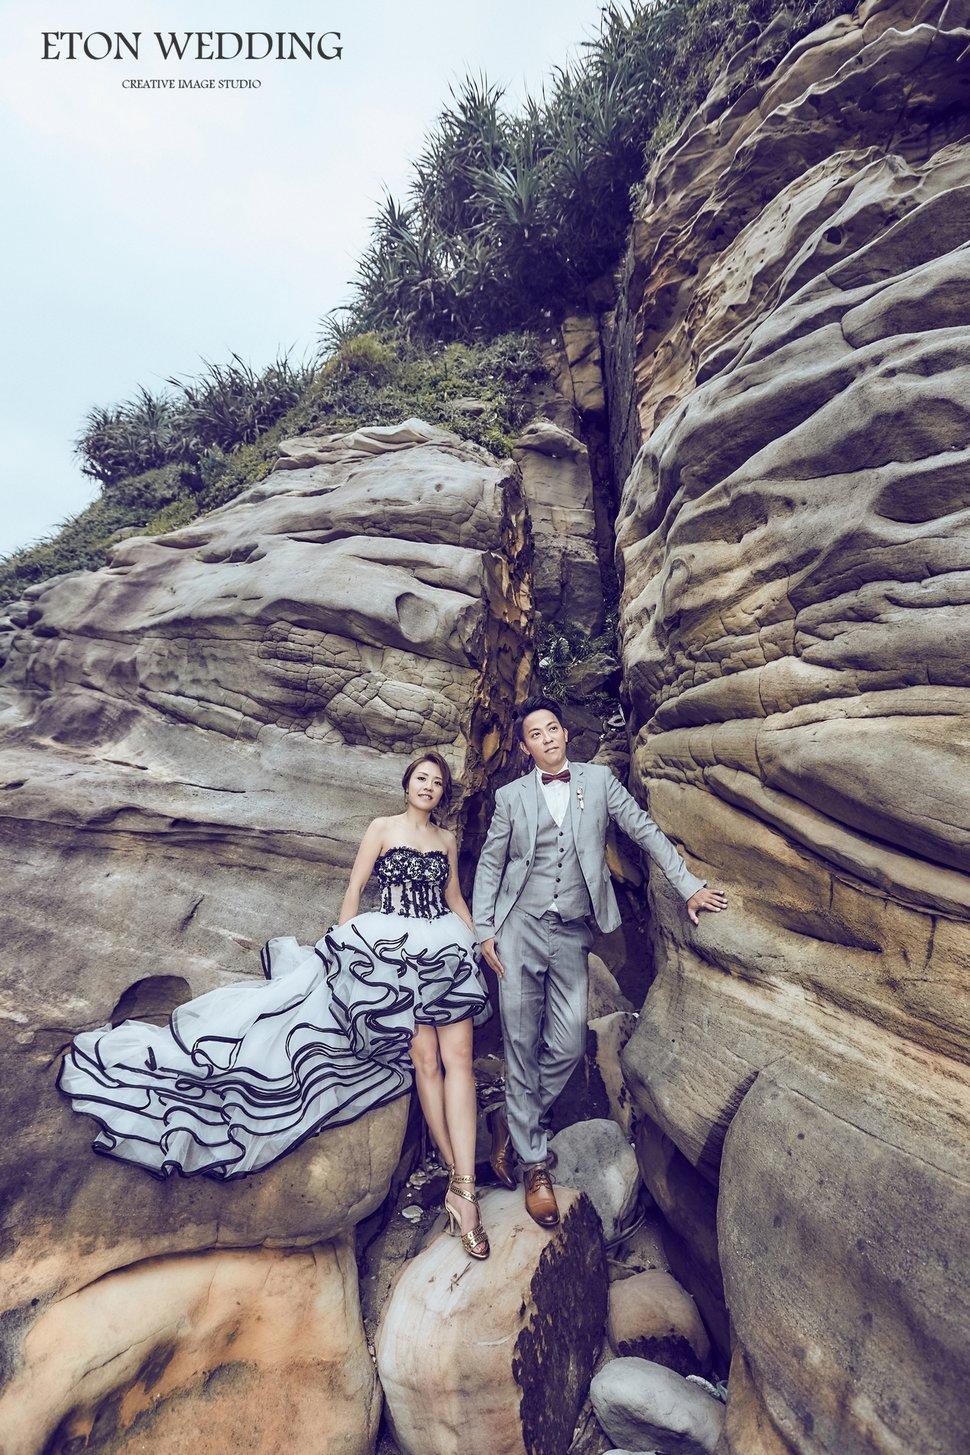 台北婚紗,伊頓自助婚紗 (7) - 伊頓自助婚紗 ▌台北高雄板橋桃園新竹台南《結婚吧》